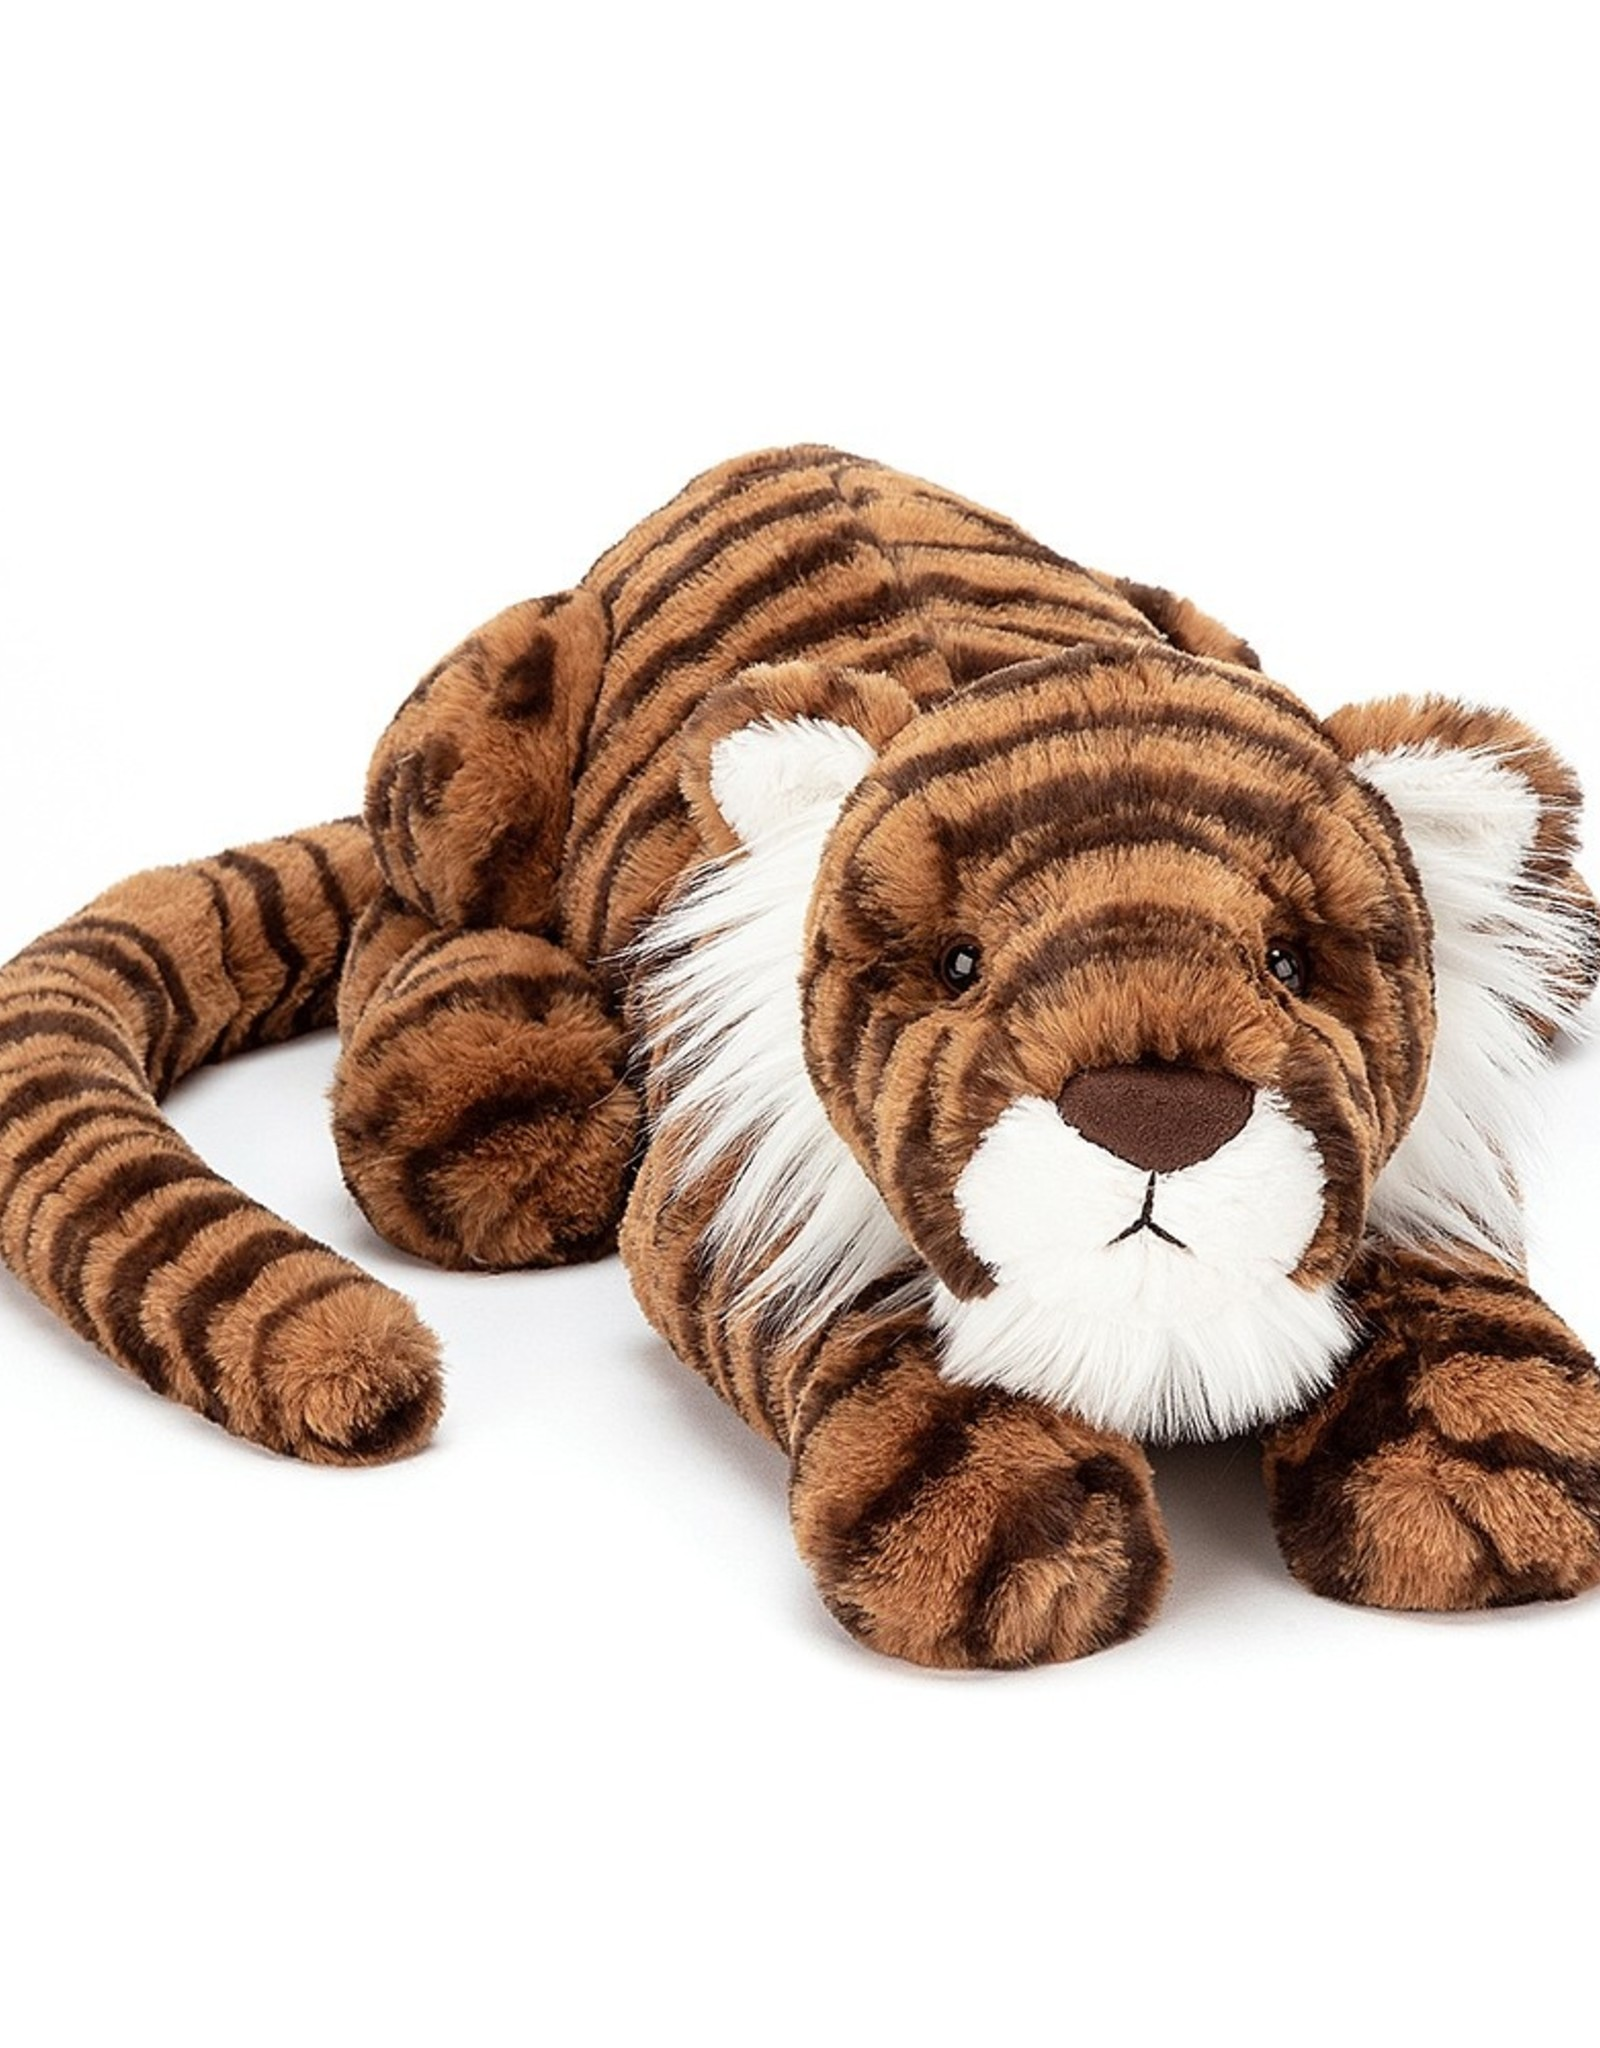 JellyCat Tia Tiger Medium